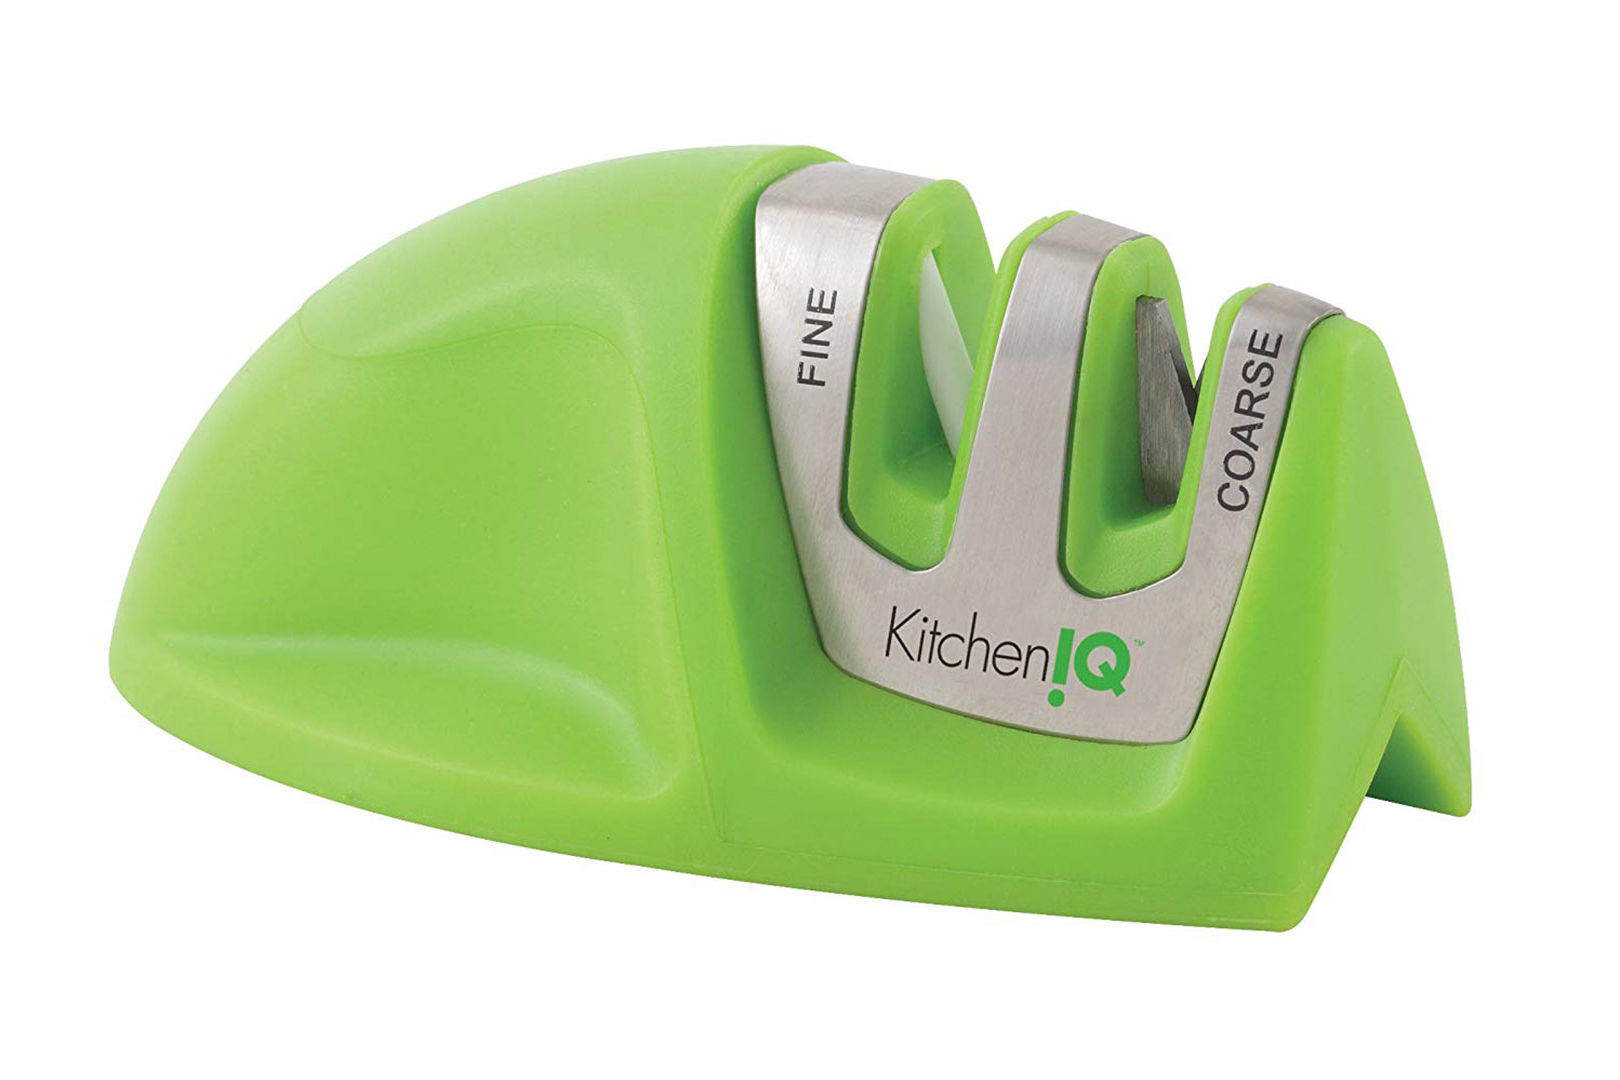 KitchenIQ Knife Sharpener Amazon